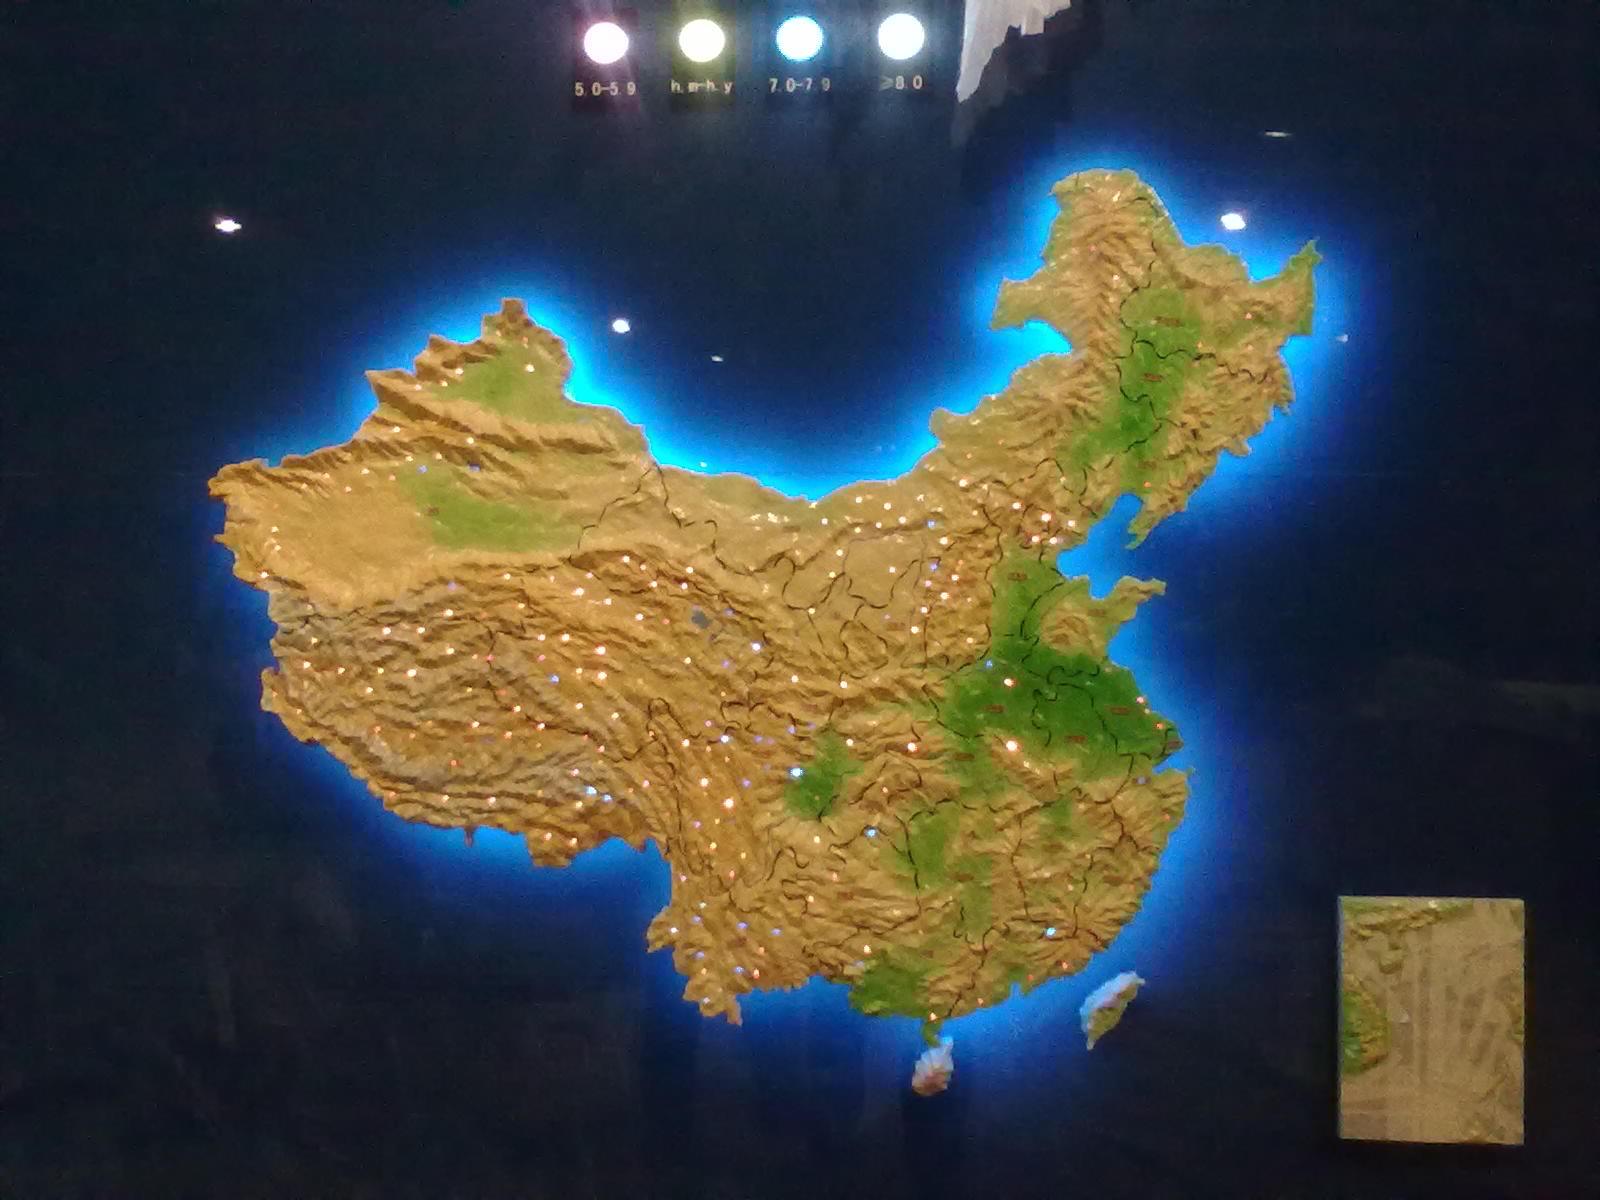 地形电子沙盘—开启全新的展示模式